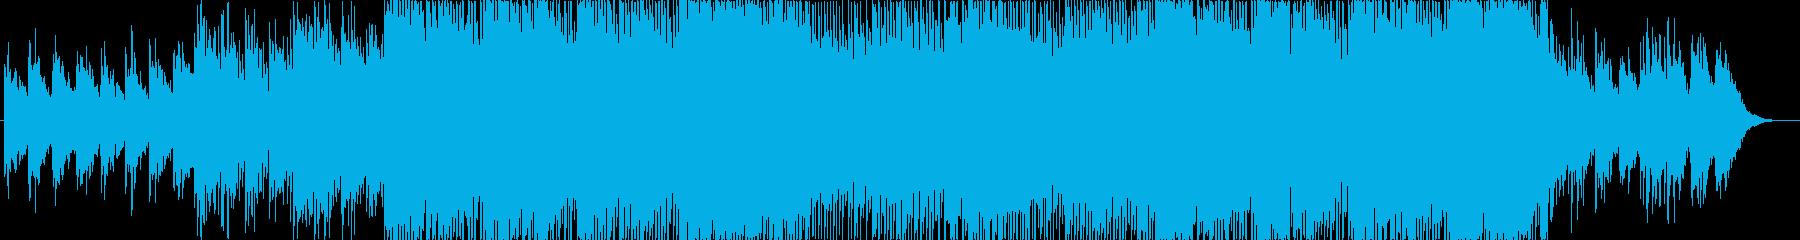 さわやかなポップ系EDMの再生済みの波形